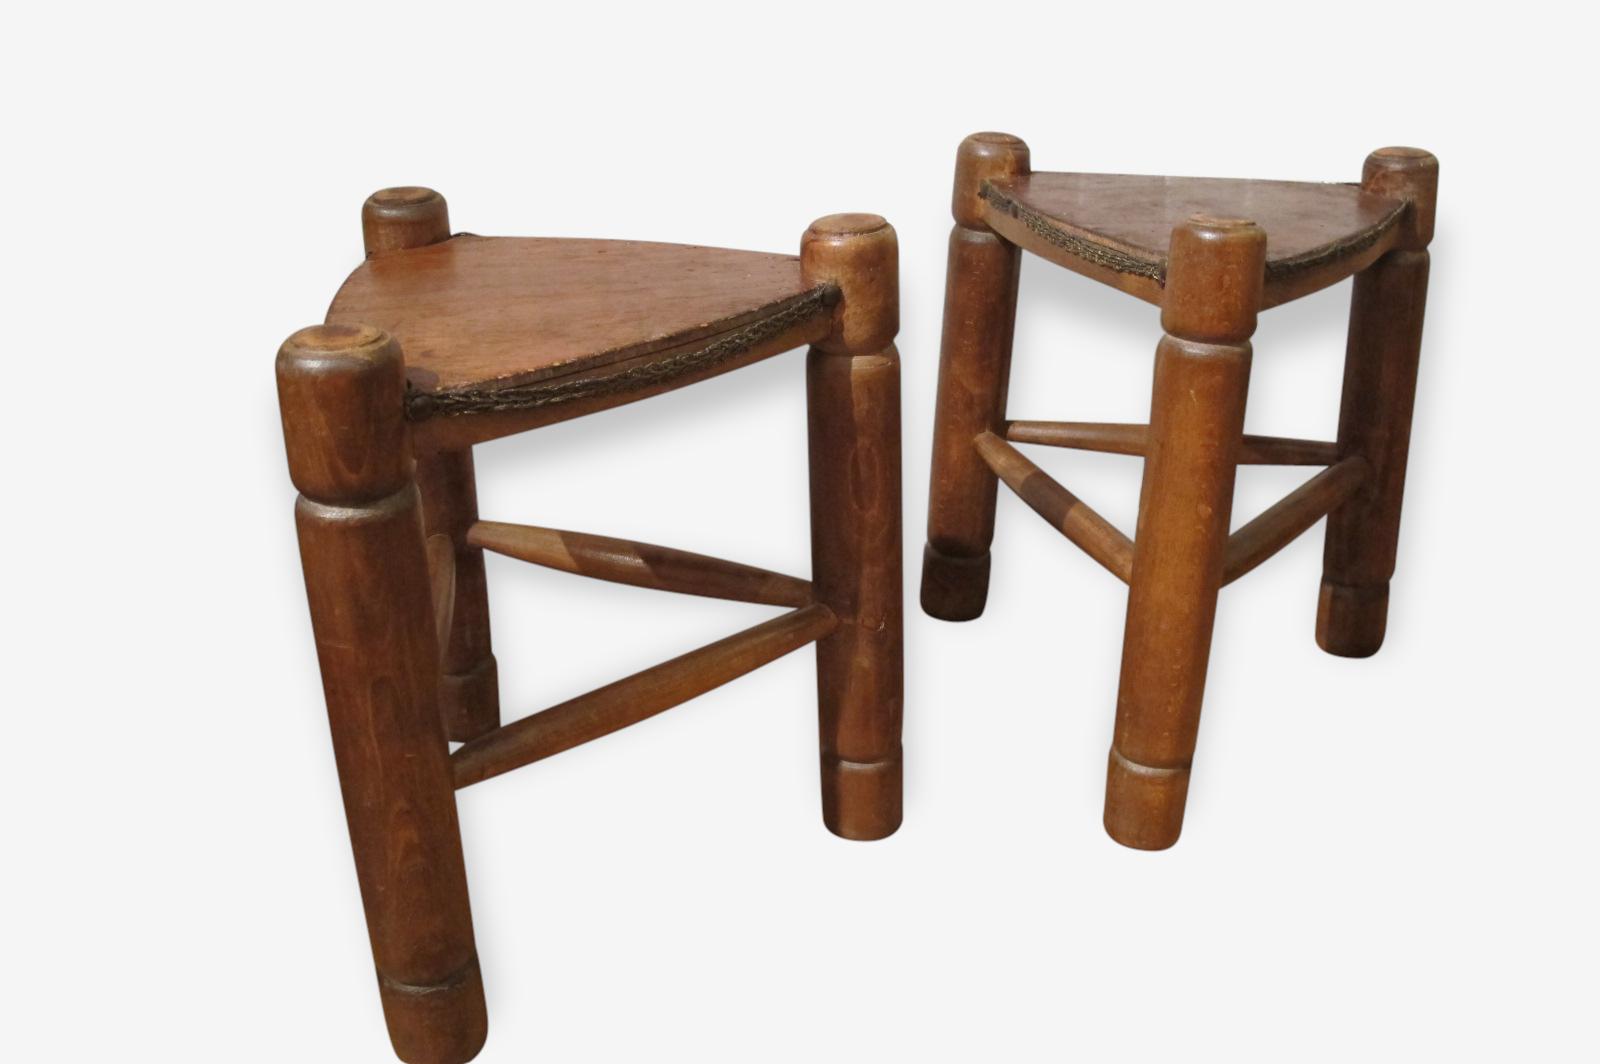 Tabouret dans le pur style ethnique en bois